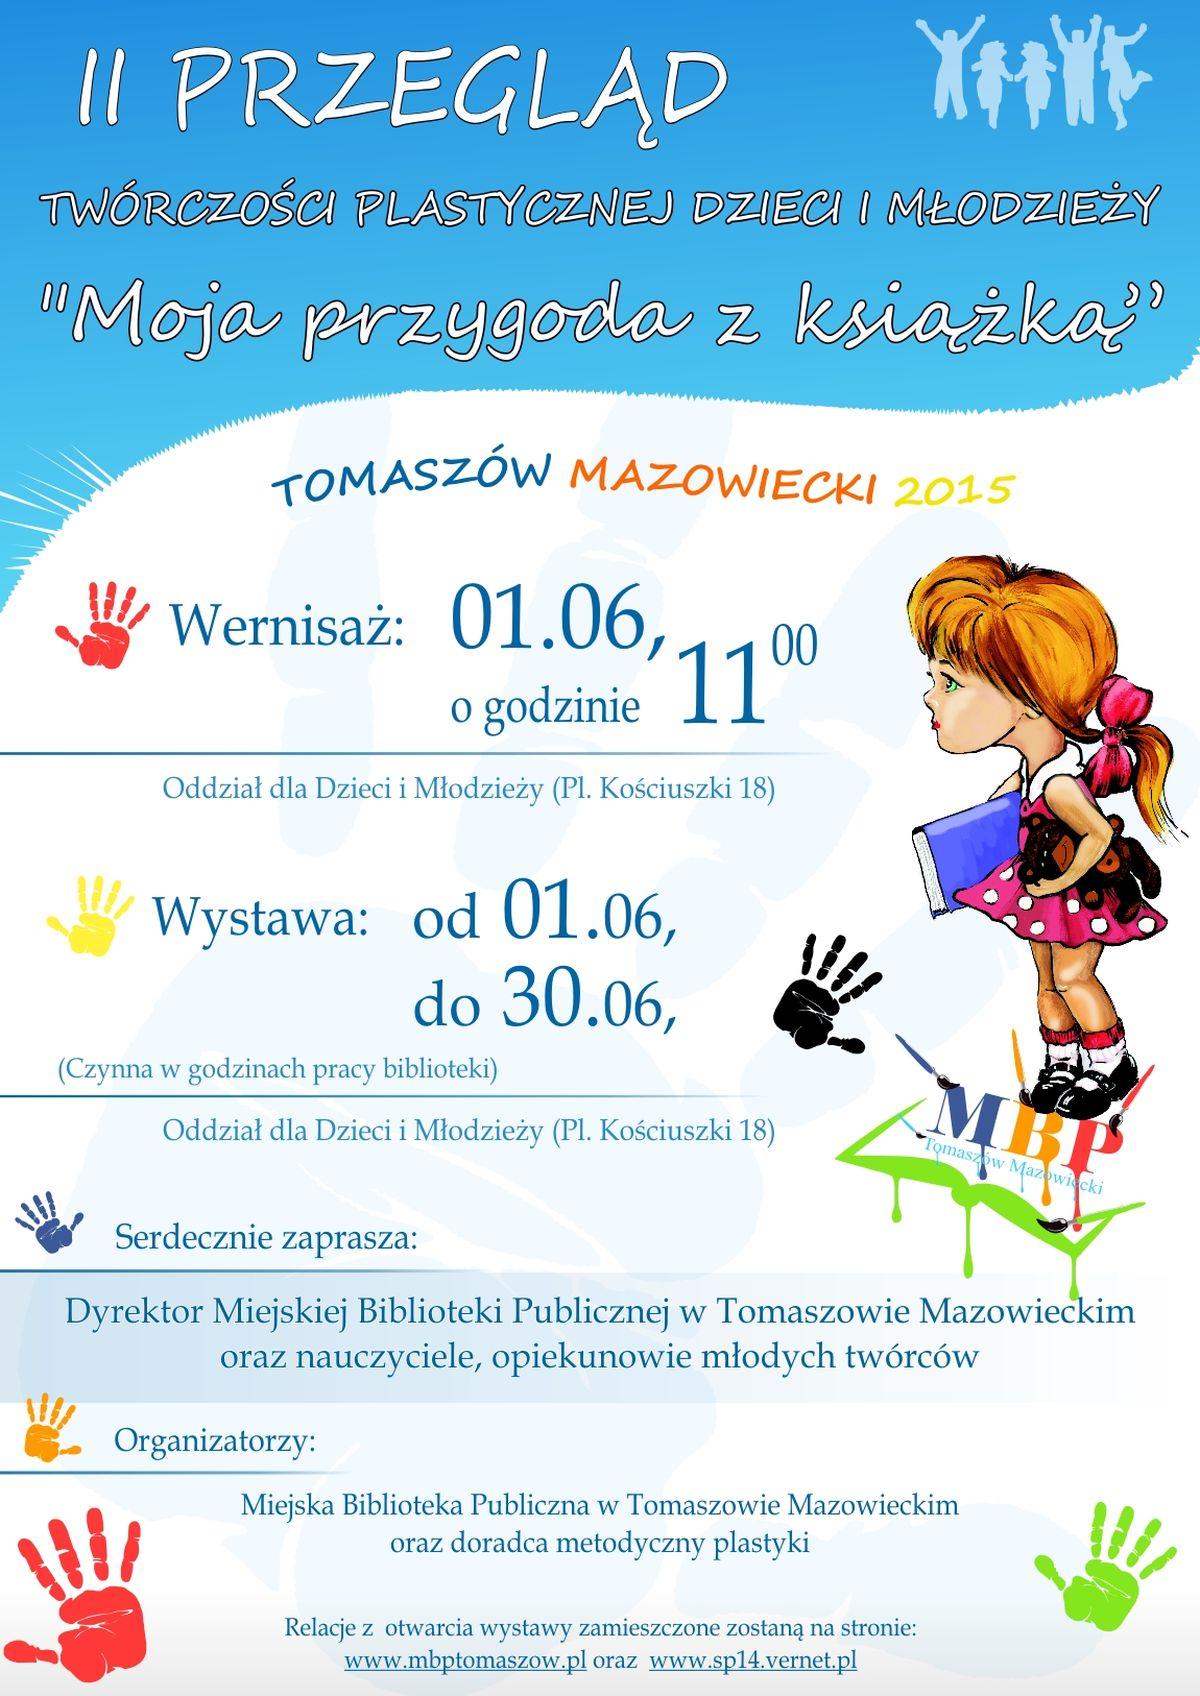 Dzien-Dziecka-w-Tomaszowie_mazowieckim_male004